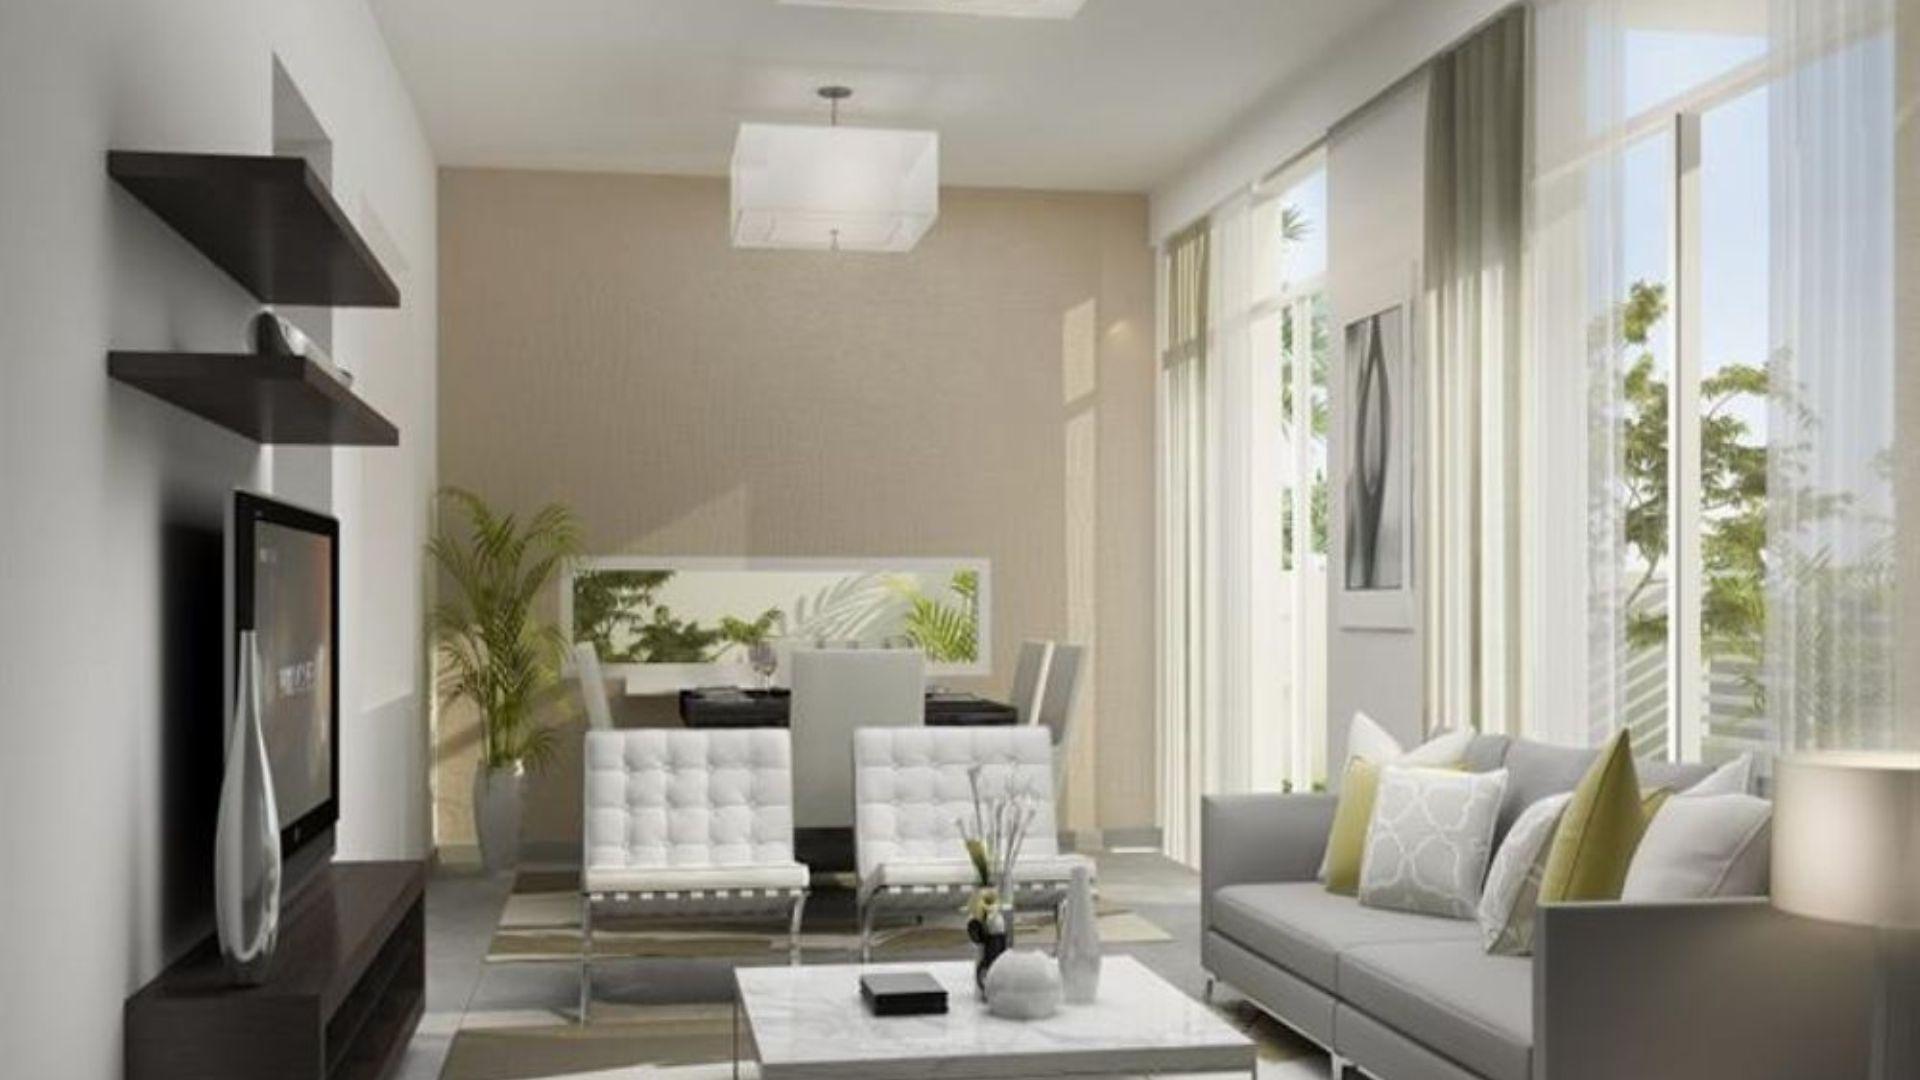 Adosado en venta en Dubai, EAU, 3 dormitorios, 187 m2, № 24437 – foto 3